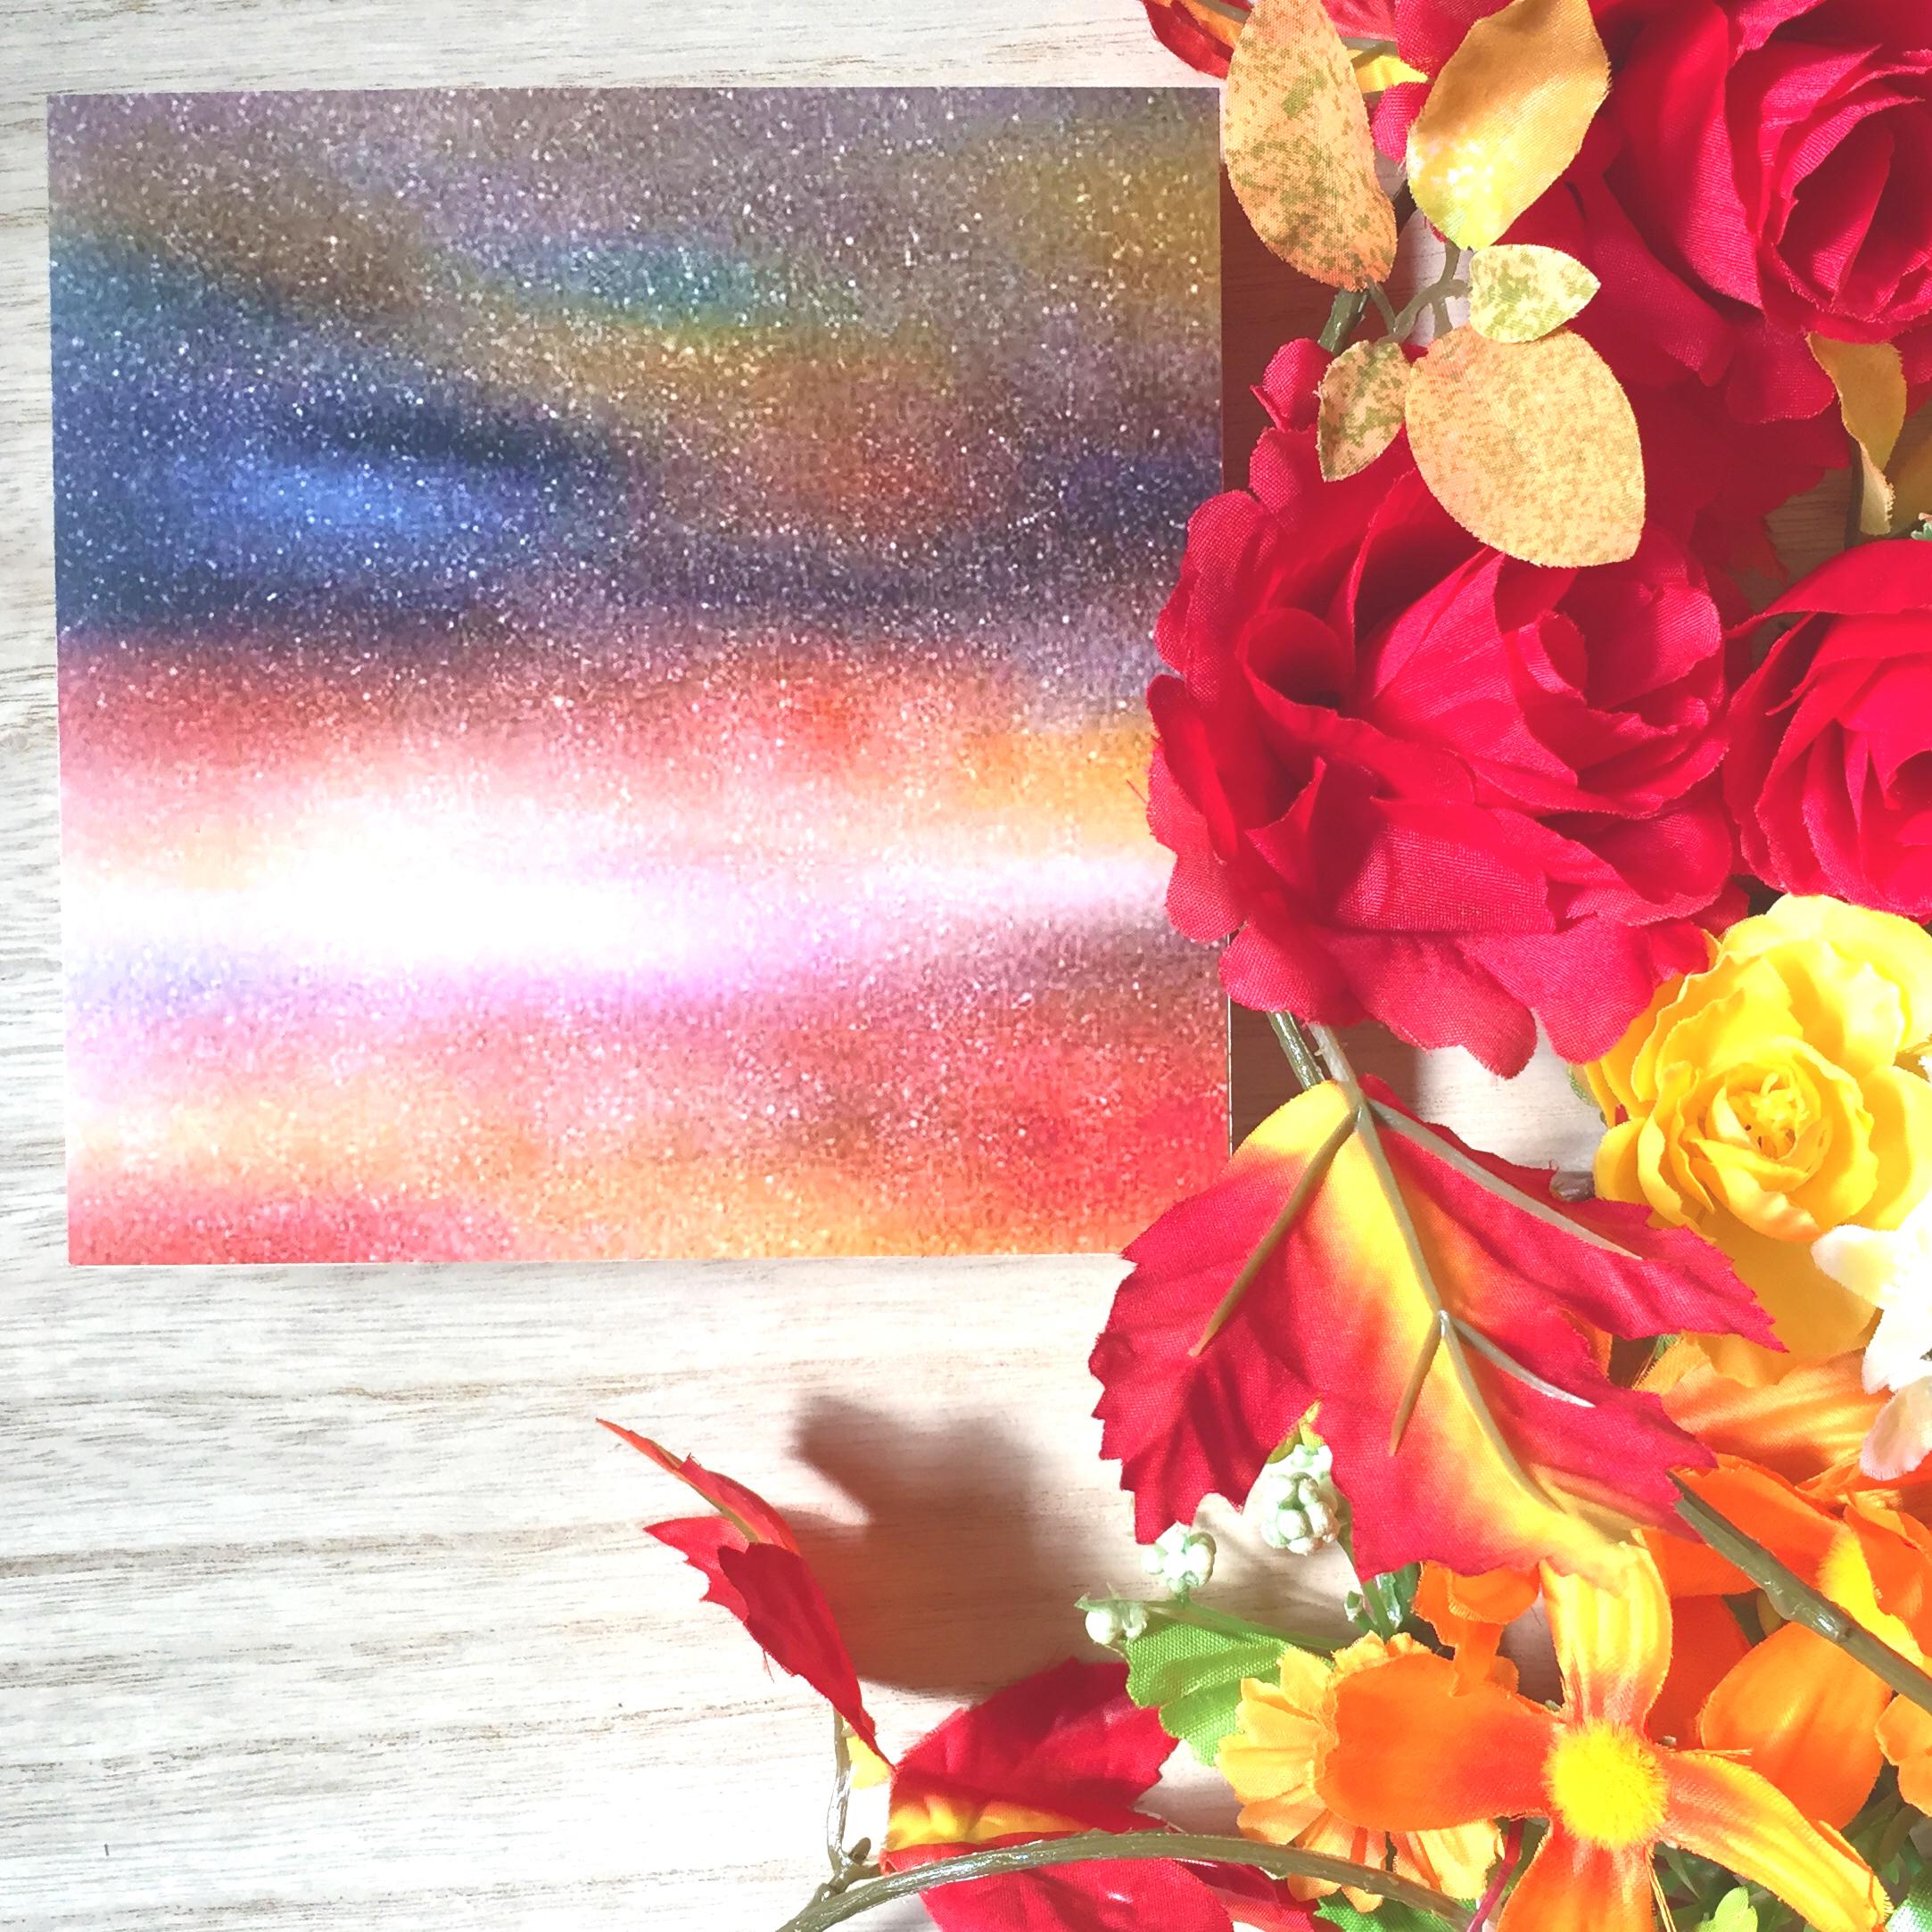 絵画 インテリア アートパネル 雑貨 壁掛け 置物 おしゃれ 染色画 染帯 ロココロ 画家 : 中島月下村 作品 : sora5 / 中島月下村